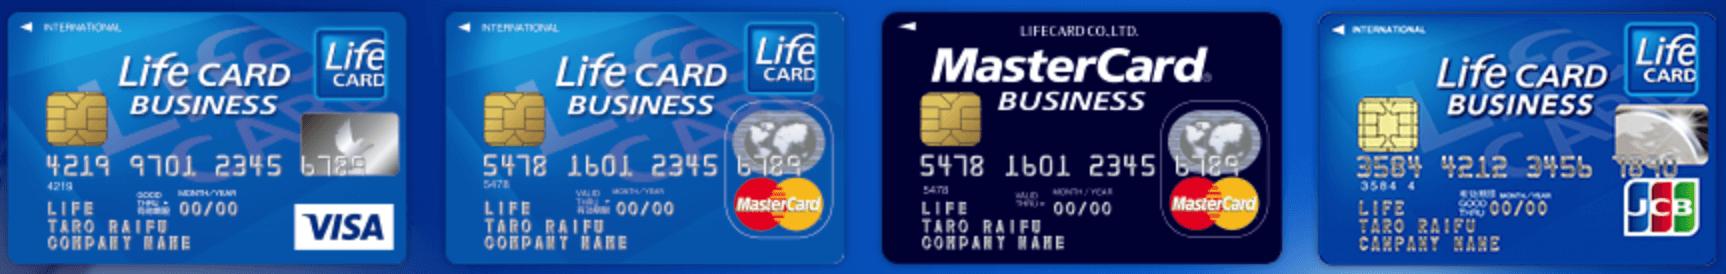 ライフカードビジネスの4種の券面